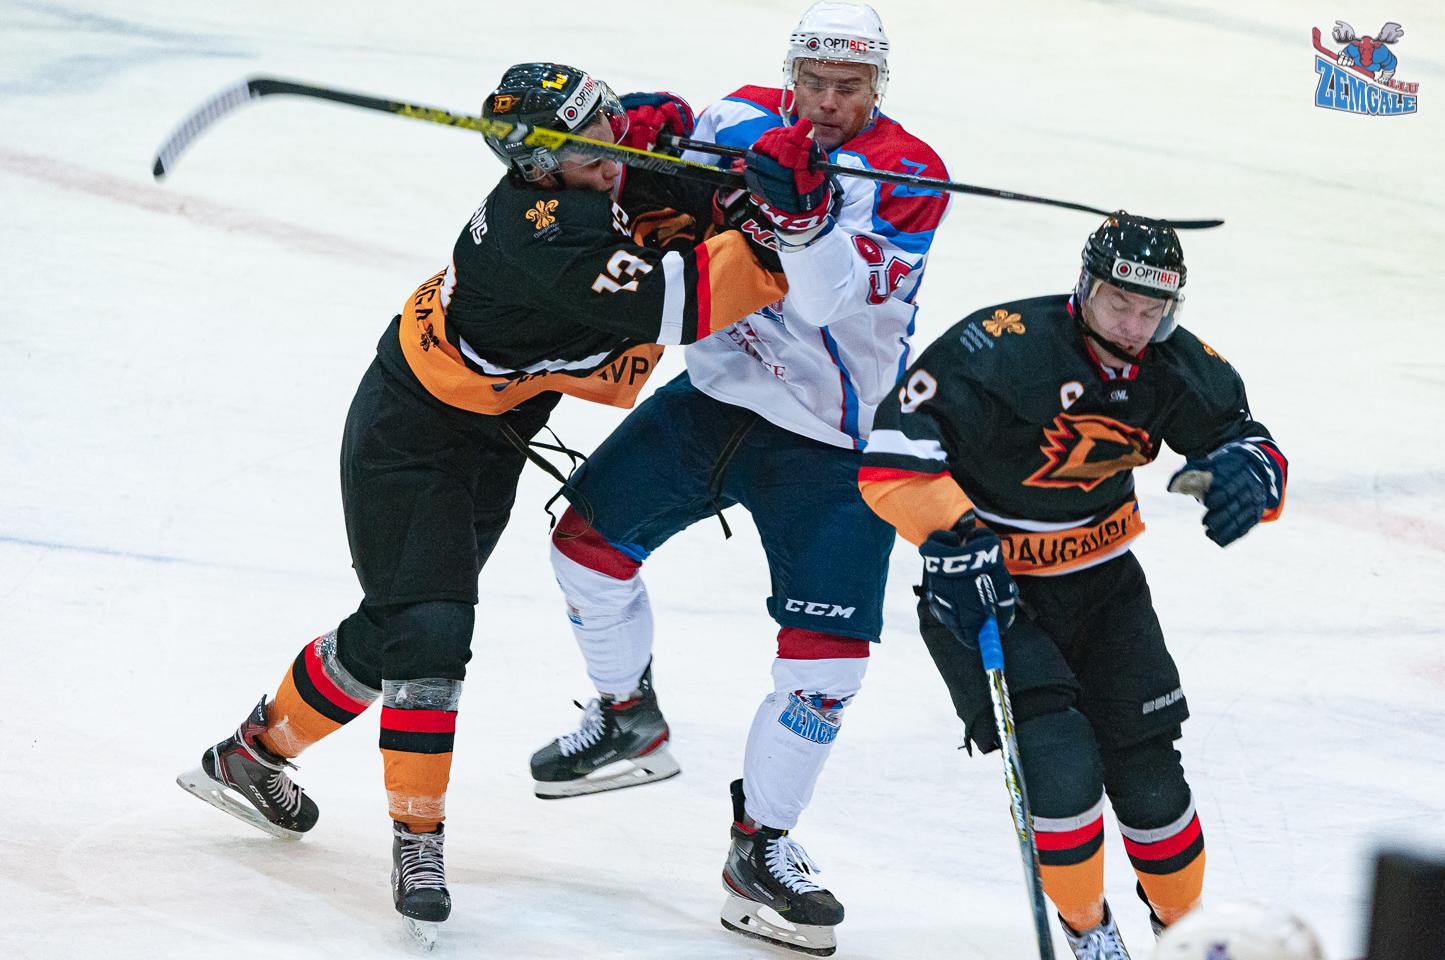 Trīs hokejisti ar nūjām sadūrās pie zilās līnijas